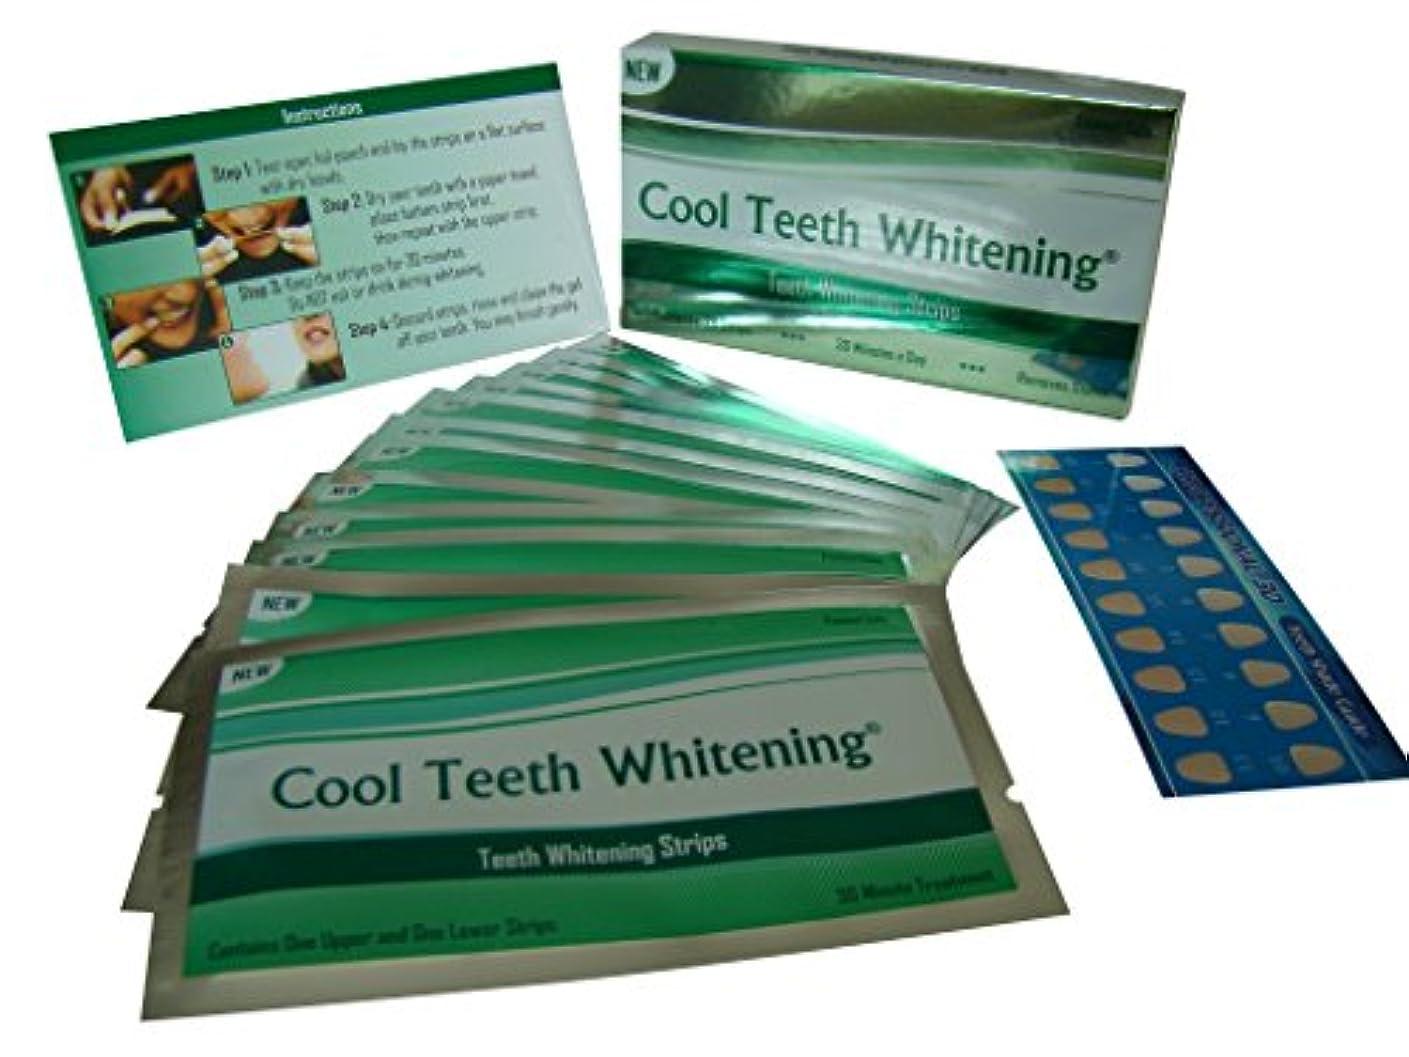 トレースロッド相手Cool Teeth Whitening?つ? 14 Treatments Advanced Professional 6% Hp Strength Dual Elastic Band Teeth Whitening Gel...